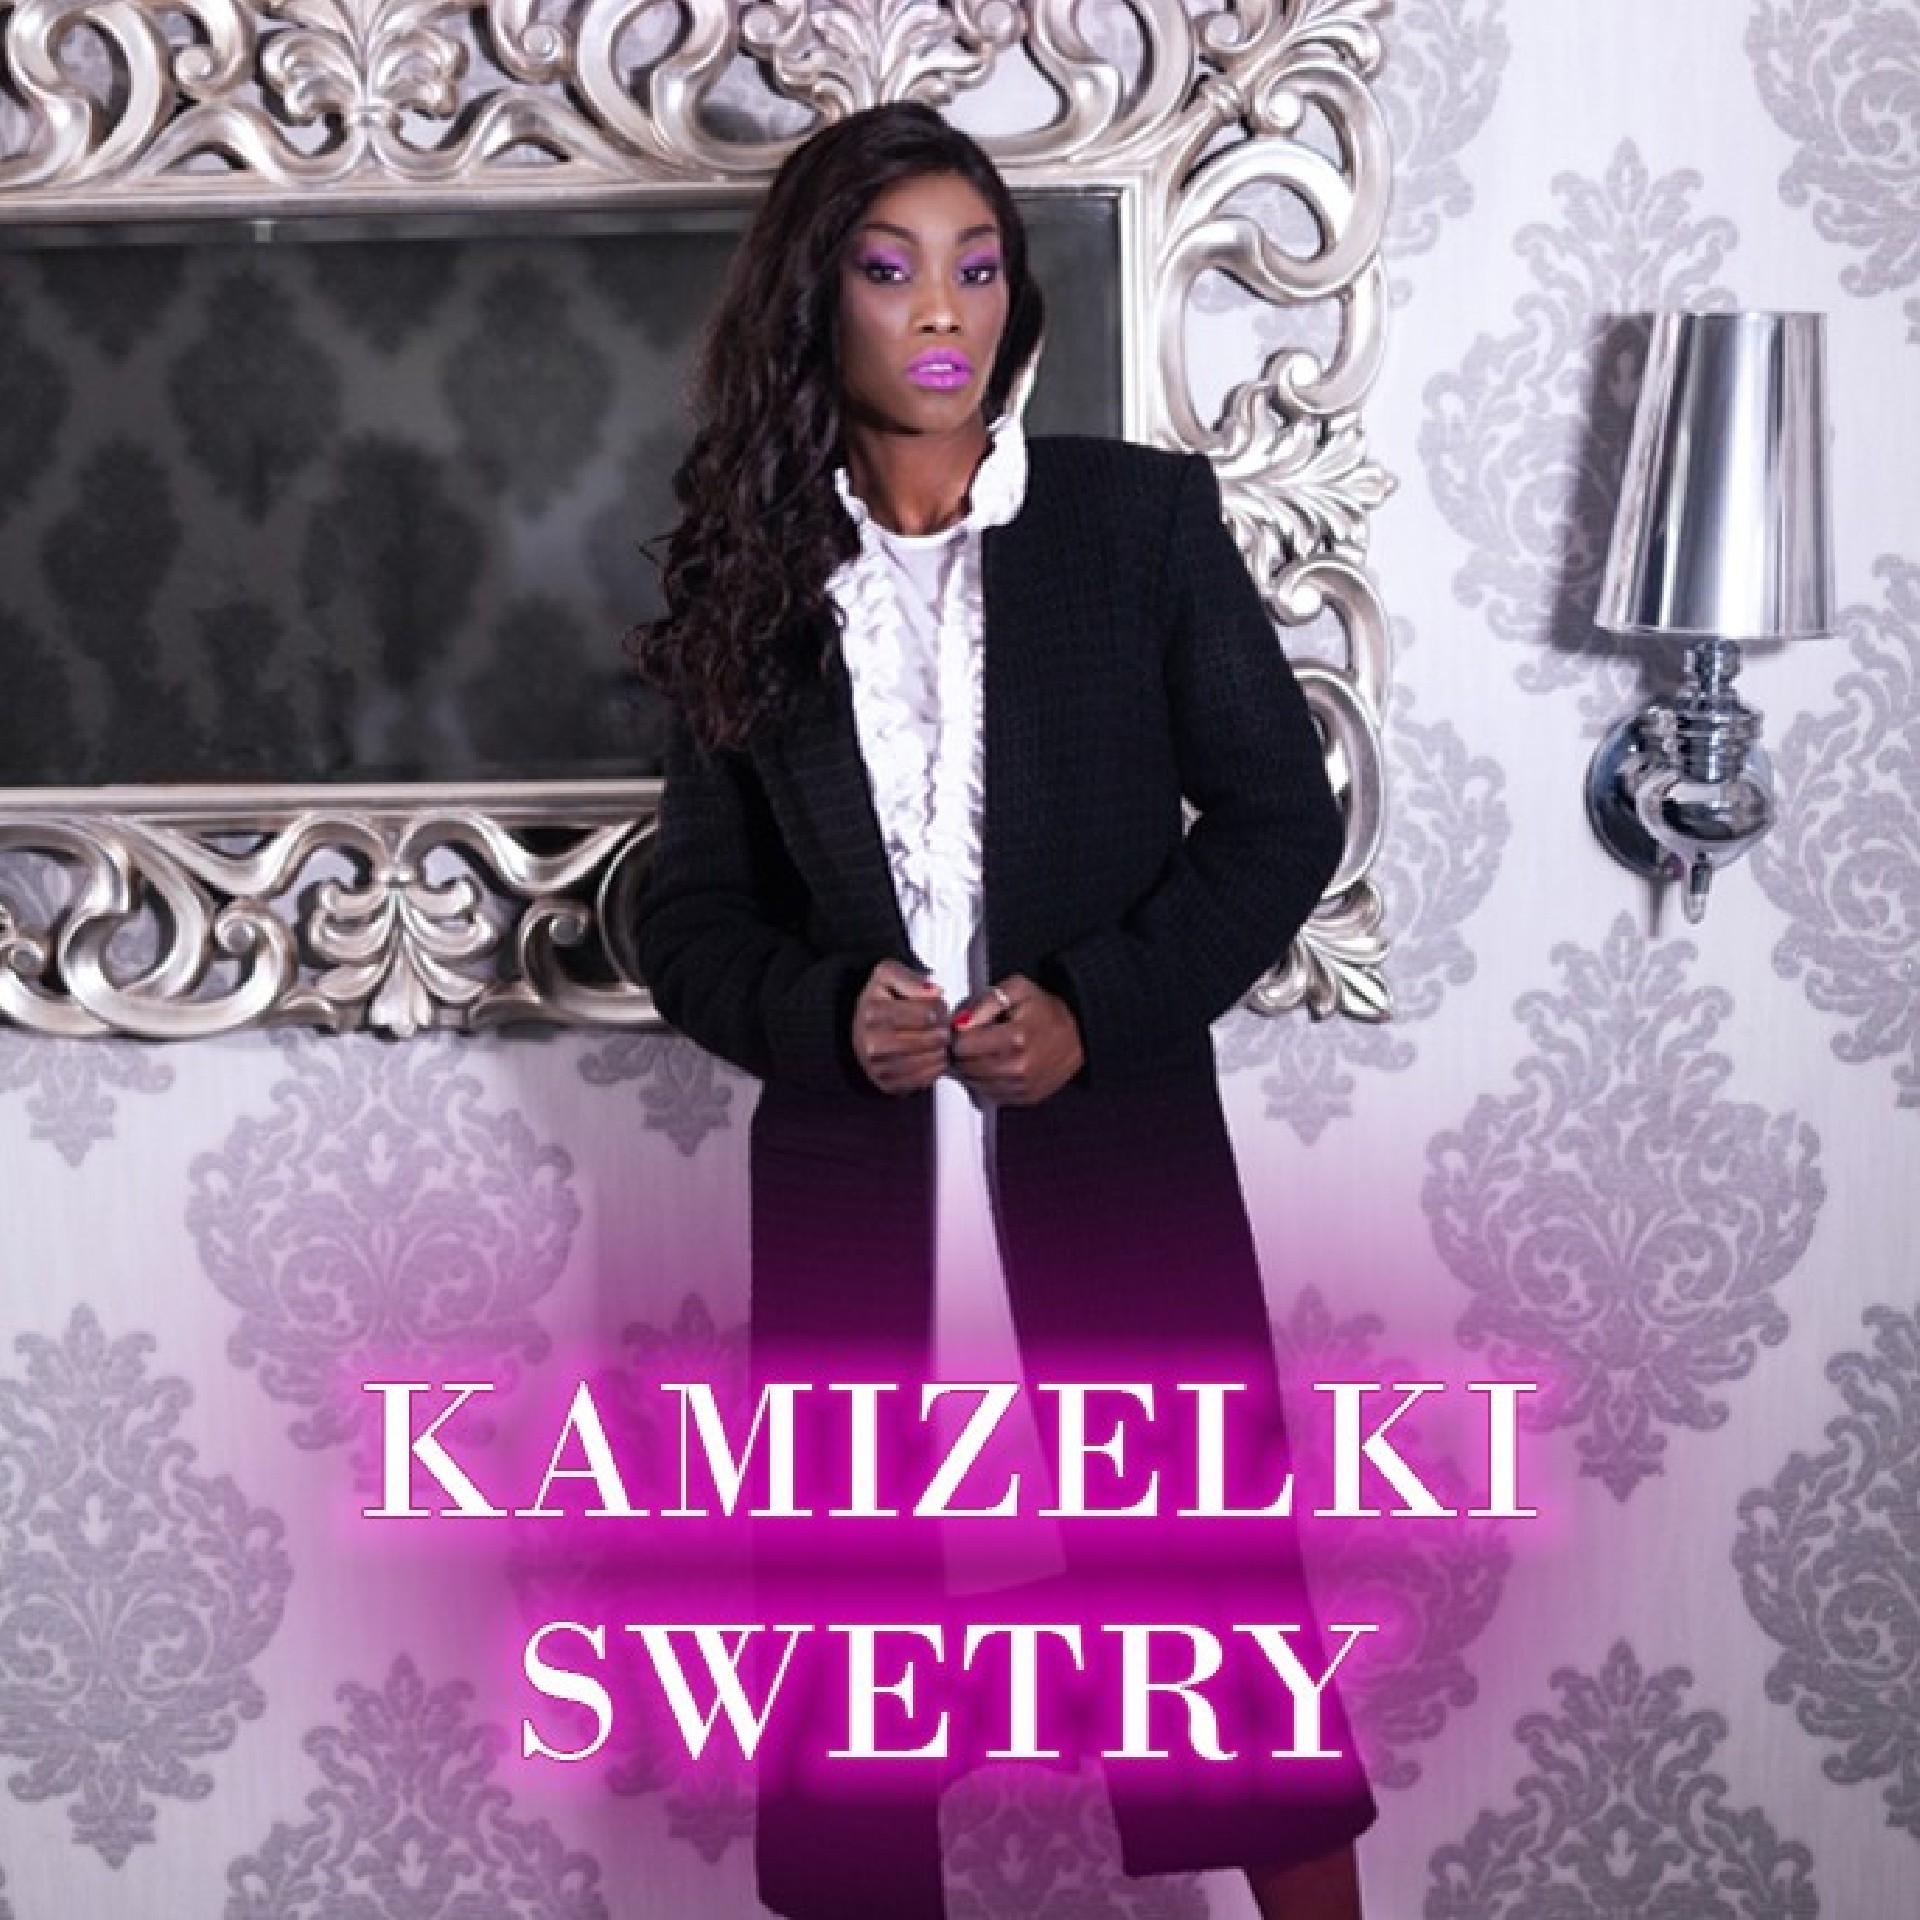 kamizelki/swetry